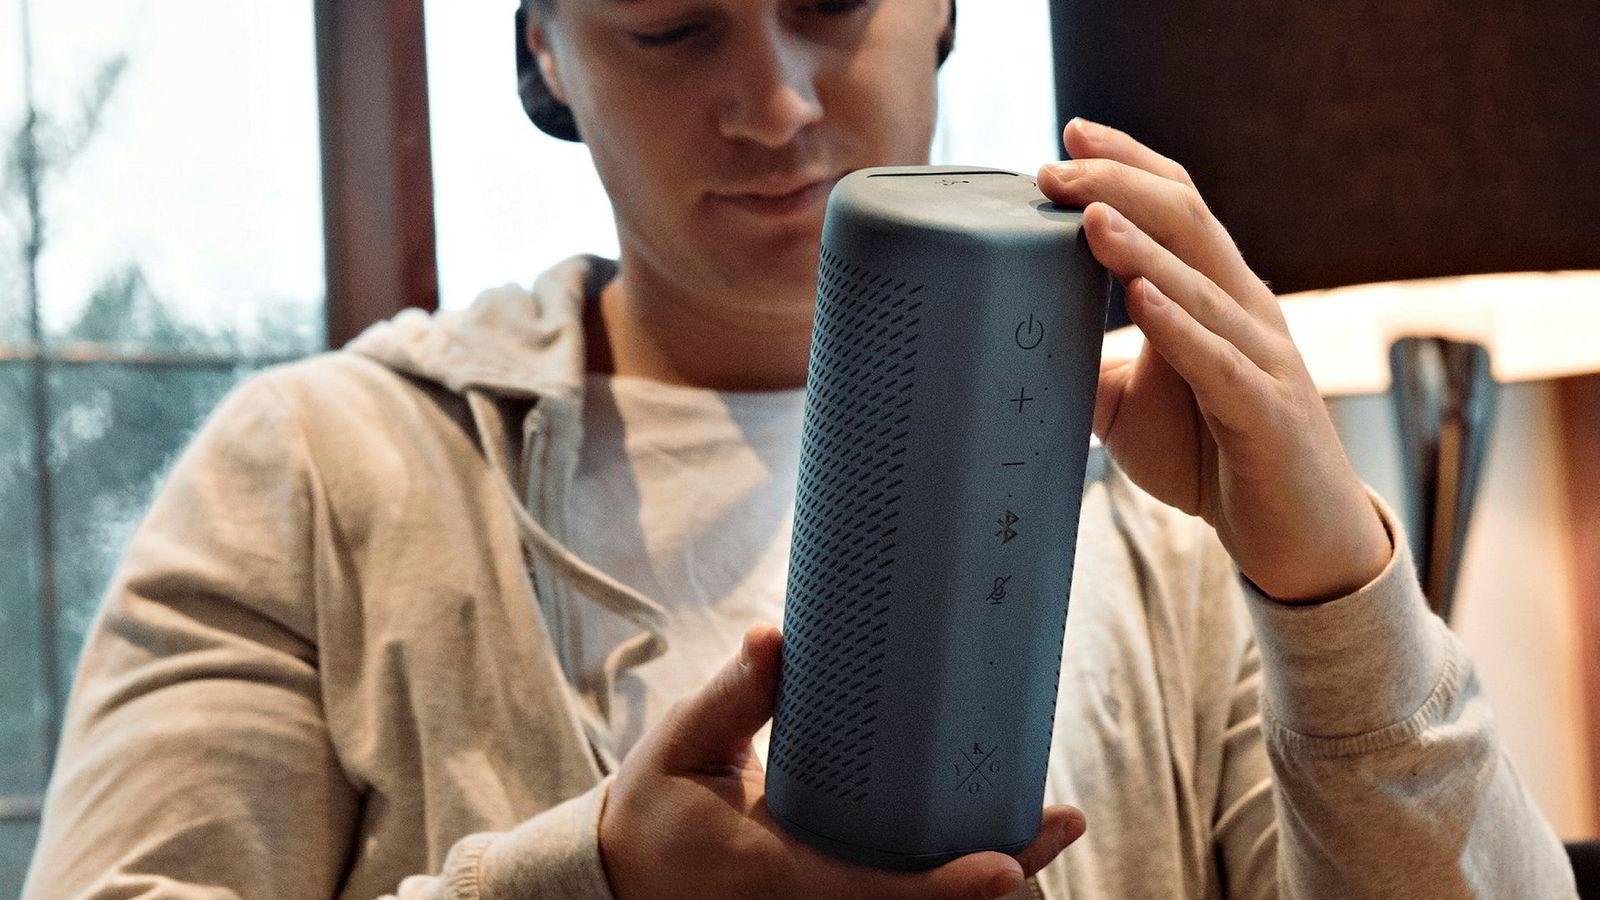 Kygo avduket smarthøyttaleren B9/800 under CES-messen i Las Vegas i januar. Høyttaleren har støtte for den digitale assistenten Google Assistant.